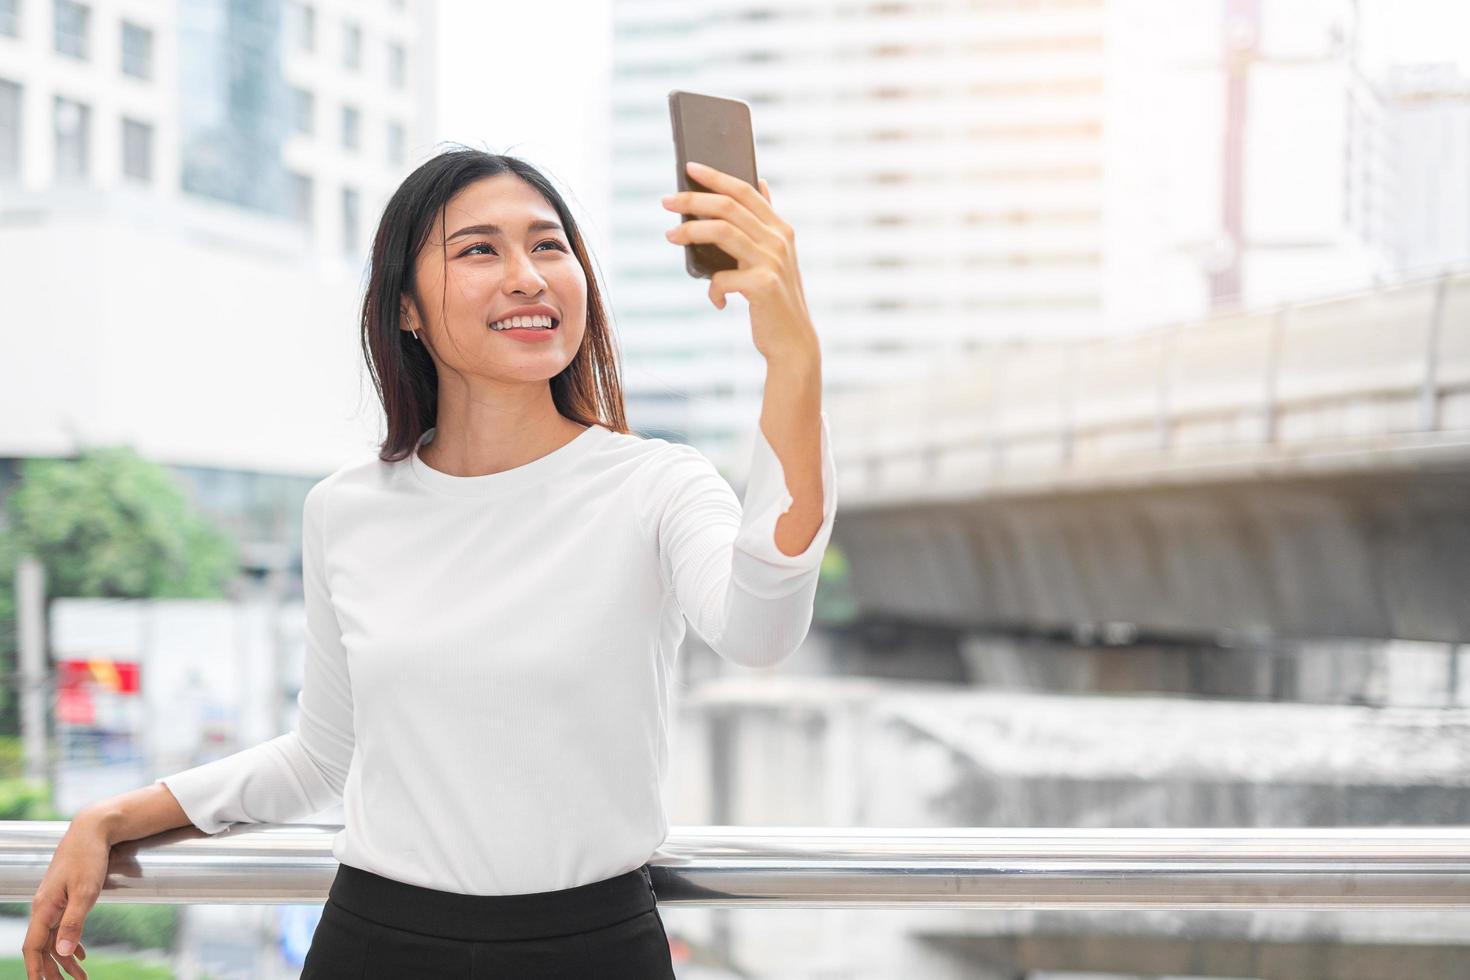 ritratto della donna asiatica che prende un selfie foto